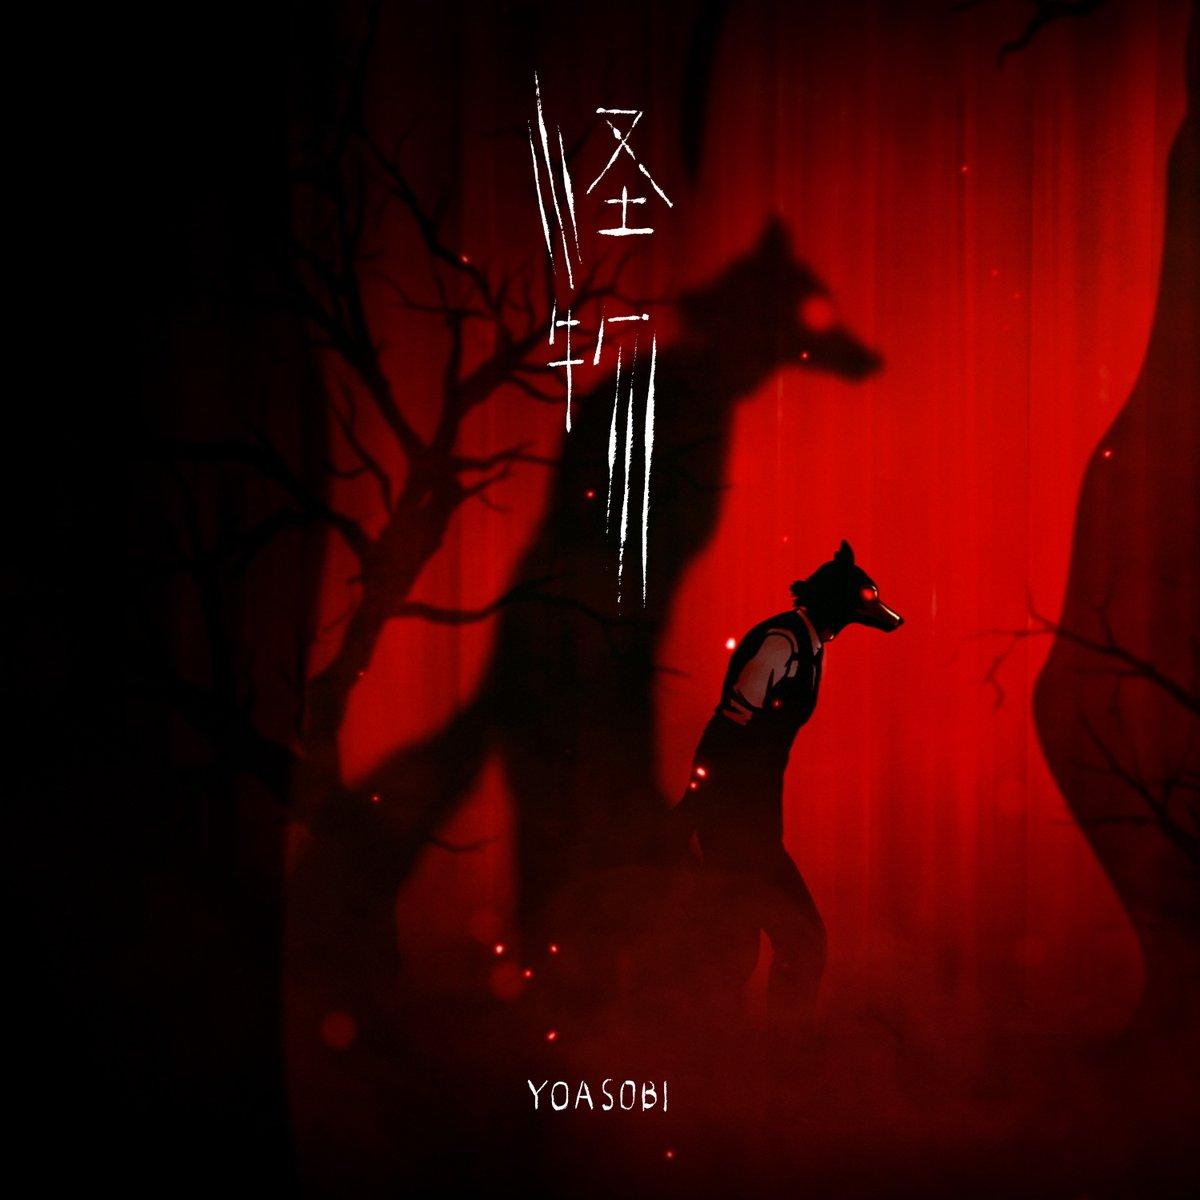 冬アニメ「BEASTARS」YOASOBIが歌うOPノンクレジット映像公開!1期に引き続きお洒落な仕上がりに